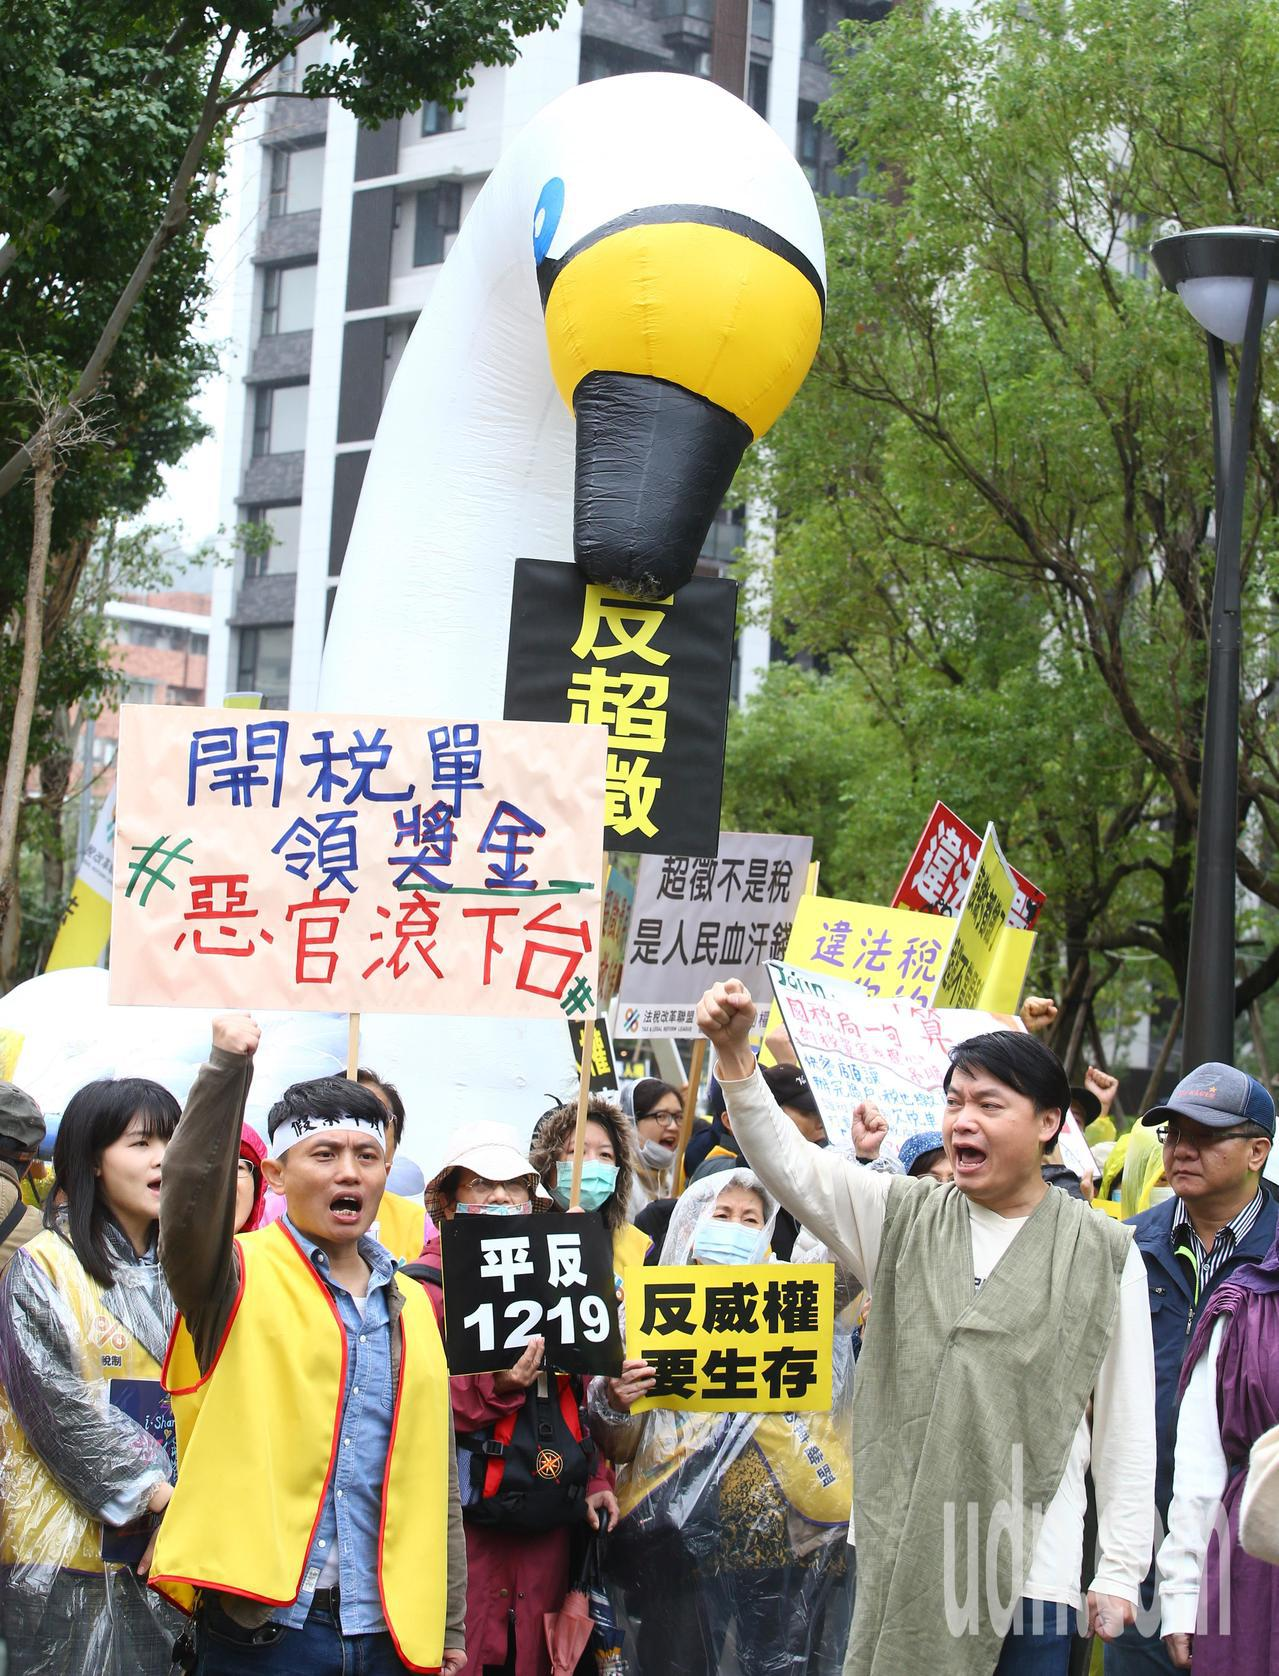 法稅改革聯盟上午在財政部門口舉行「台灣黃背心運動 要求全面稅改」活動,反對財政部...